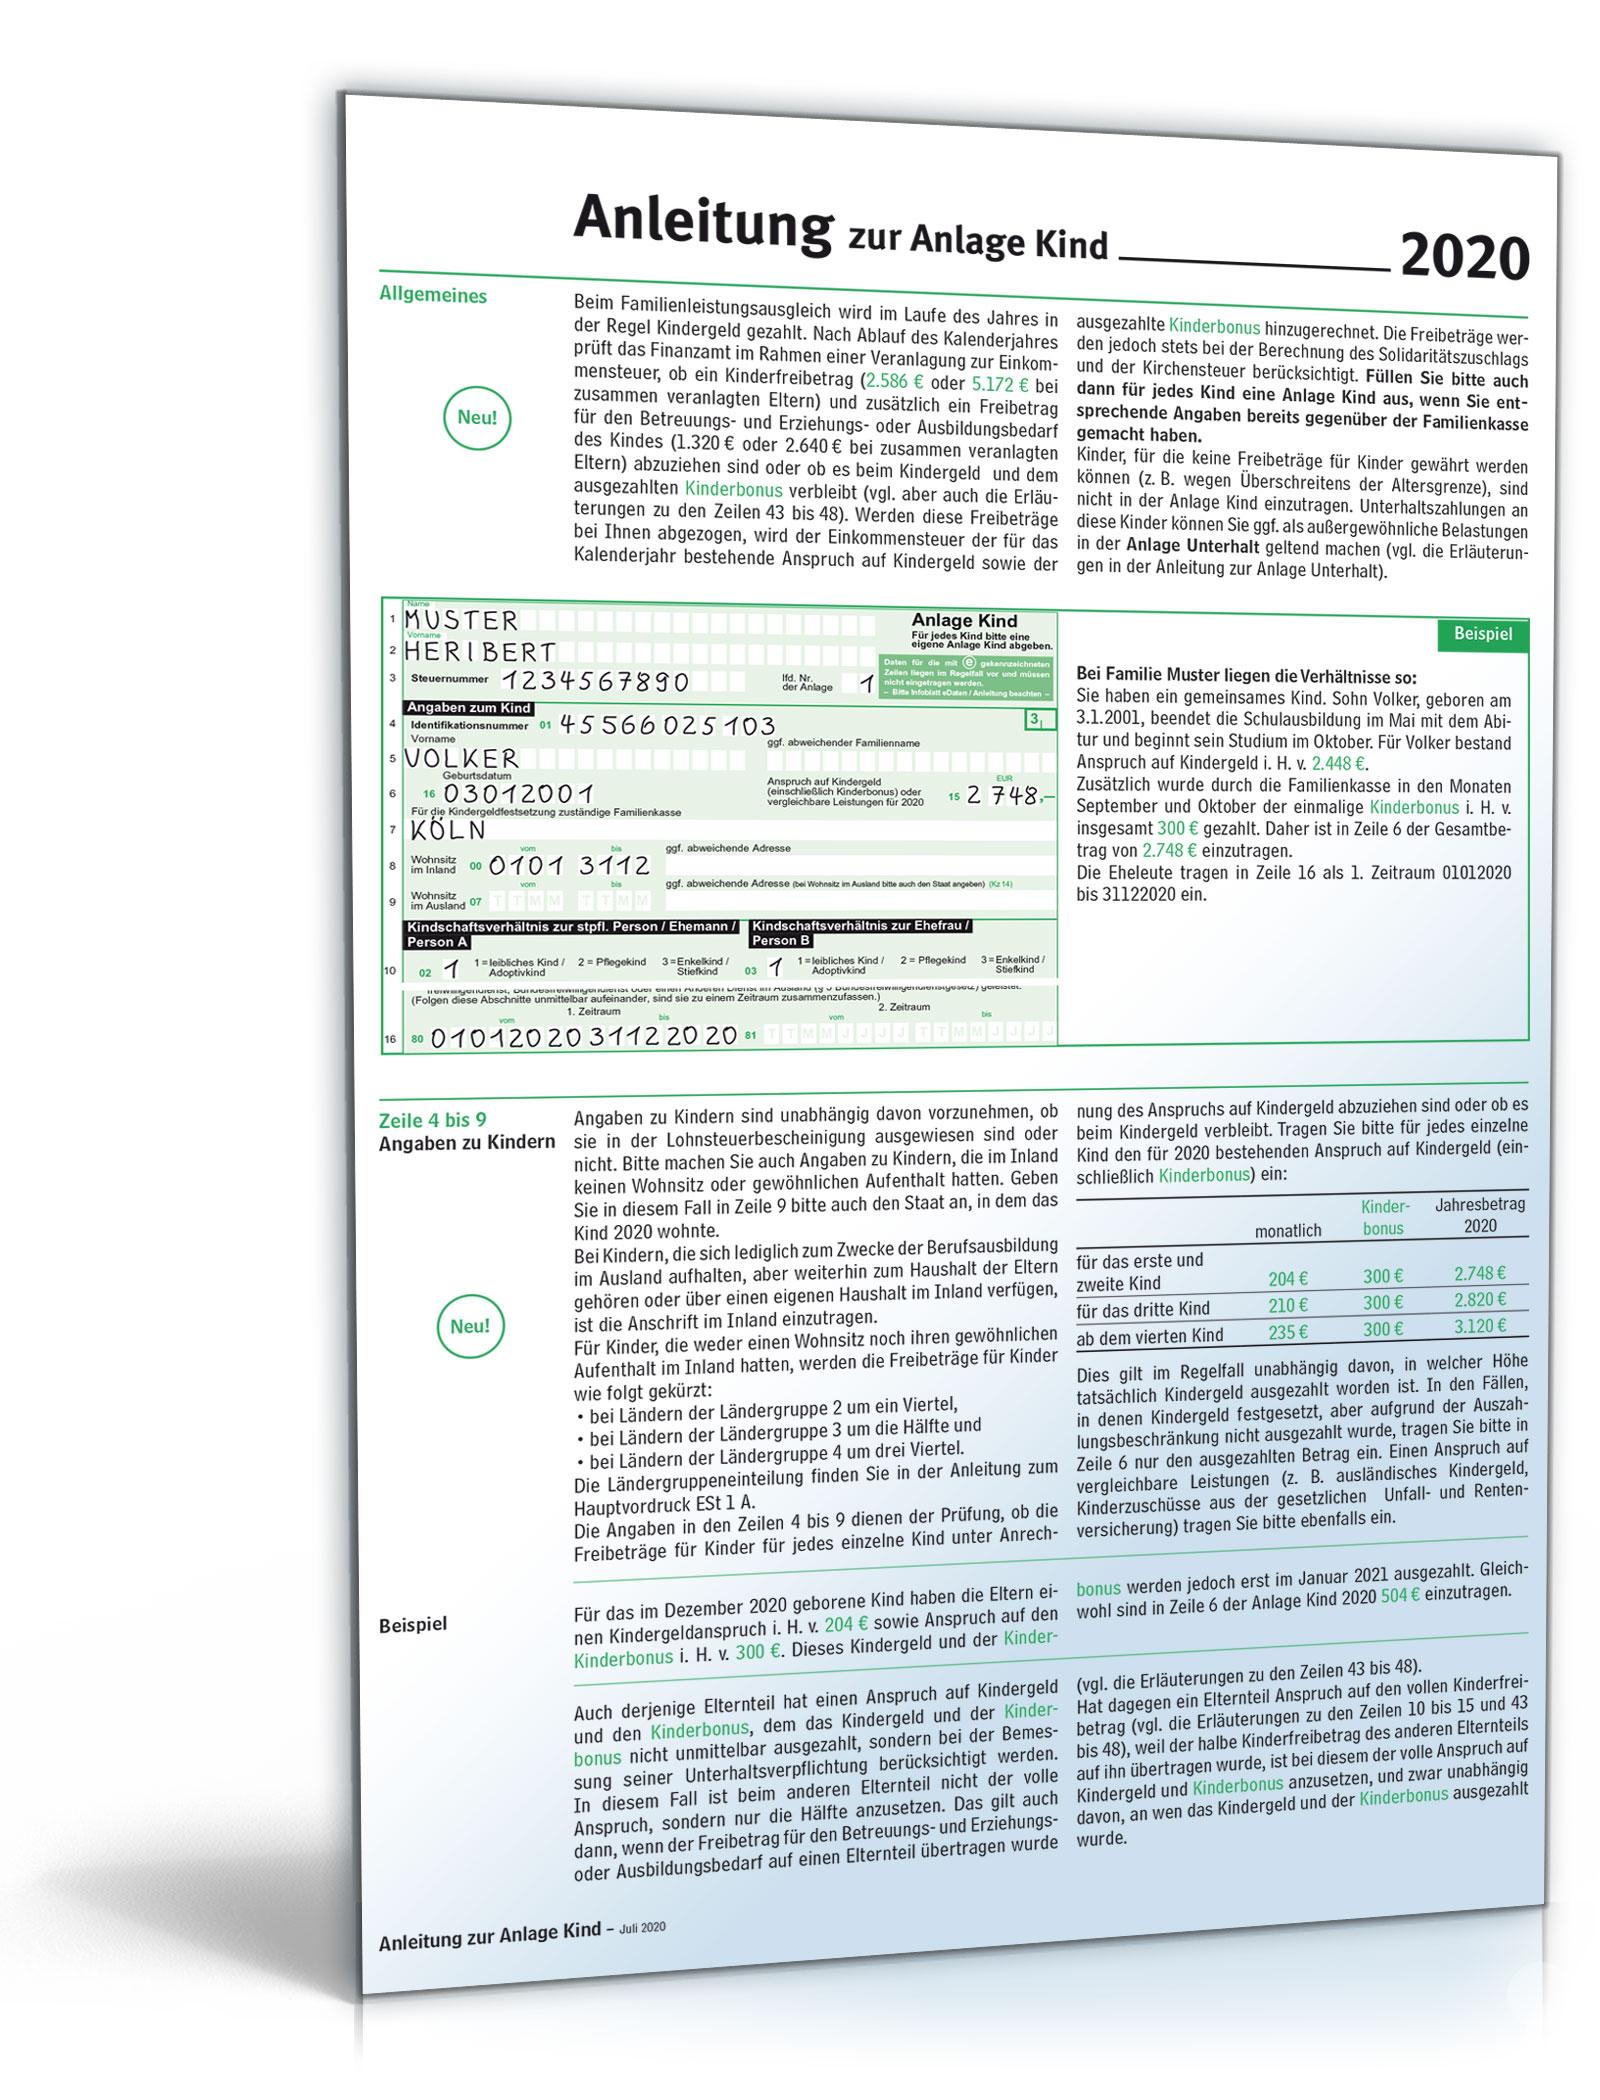 Anleitung Anlage Kind 2020 Dokument zum Download